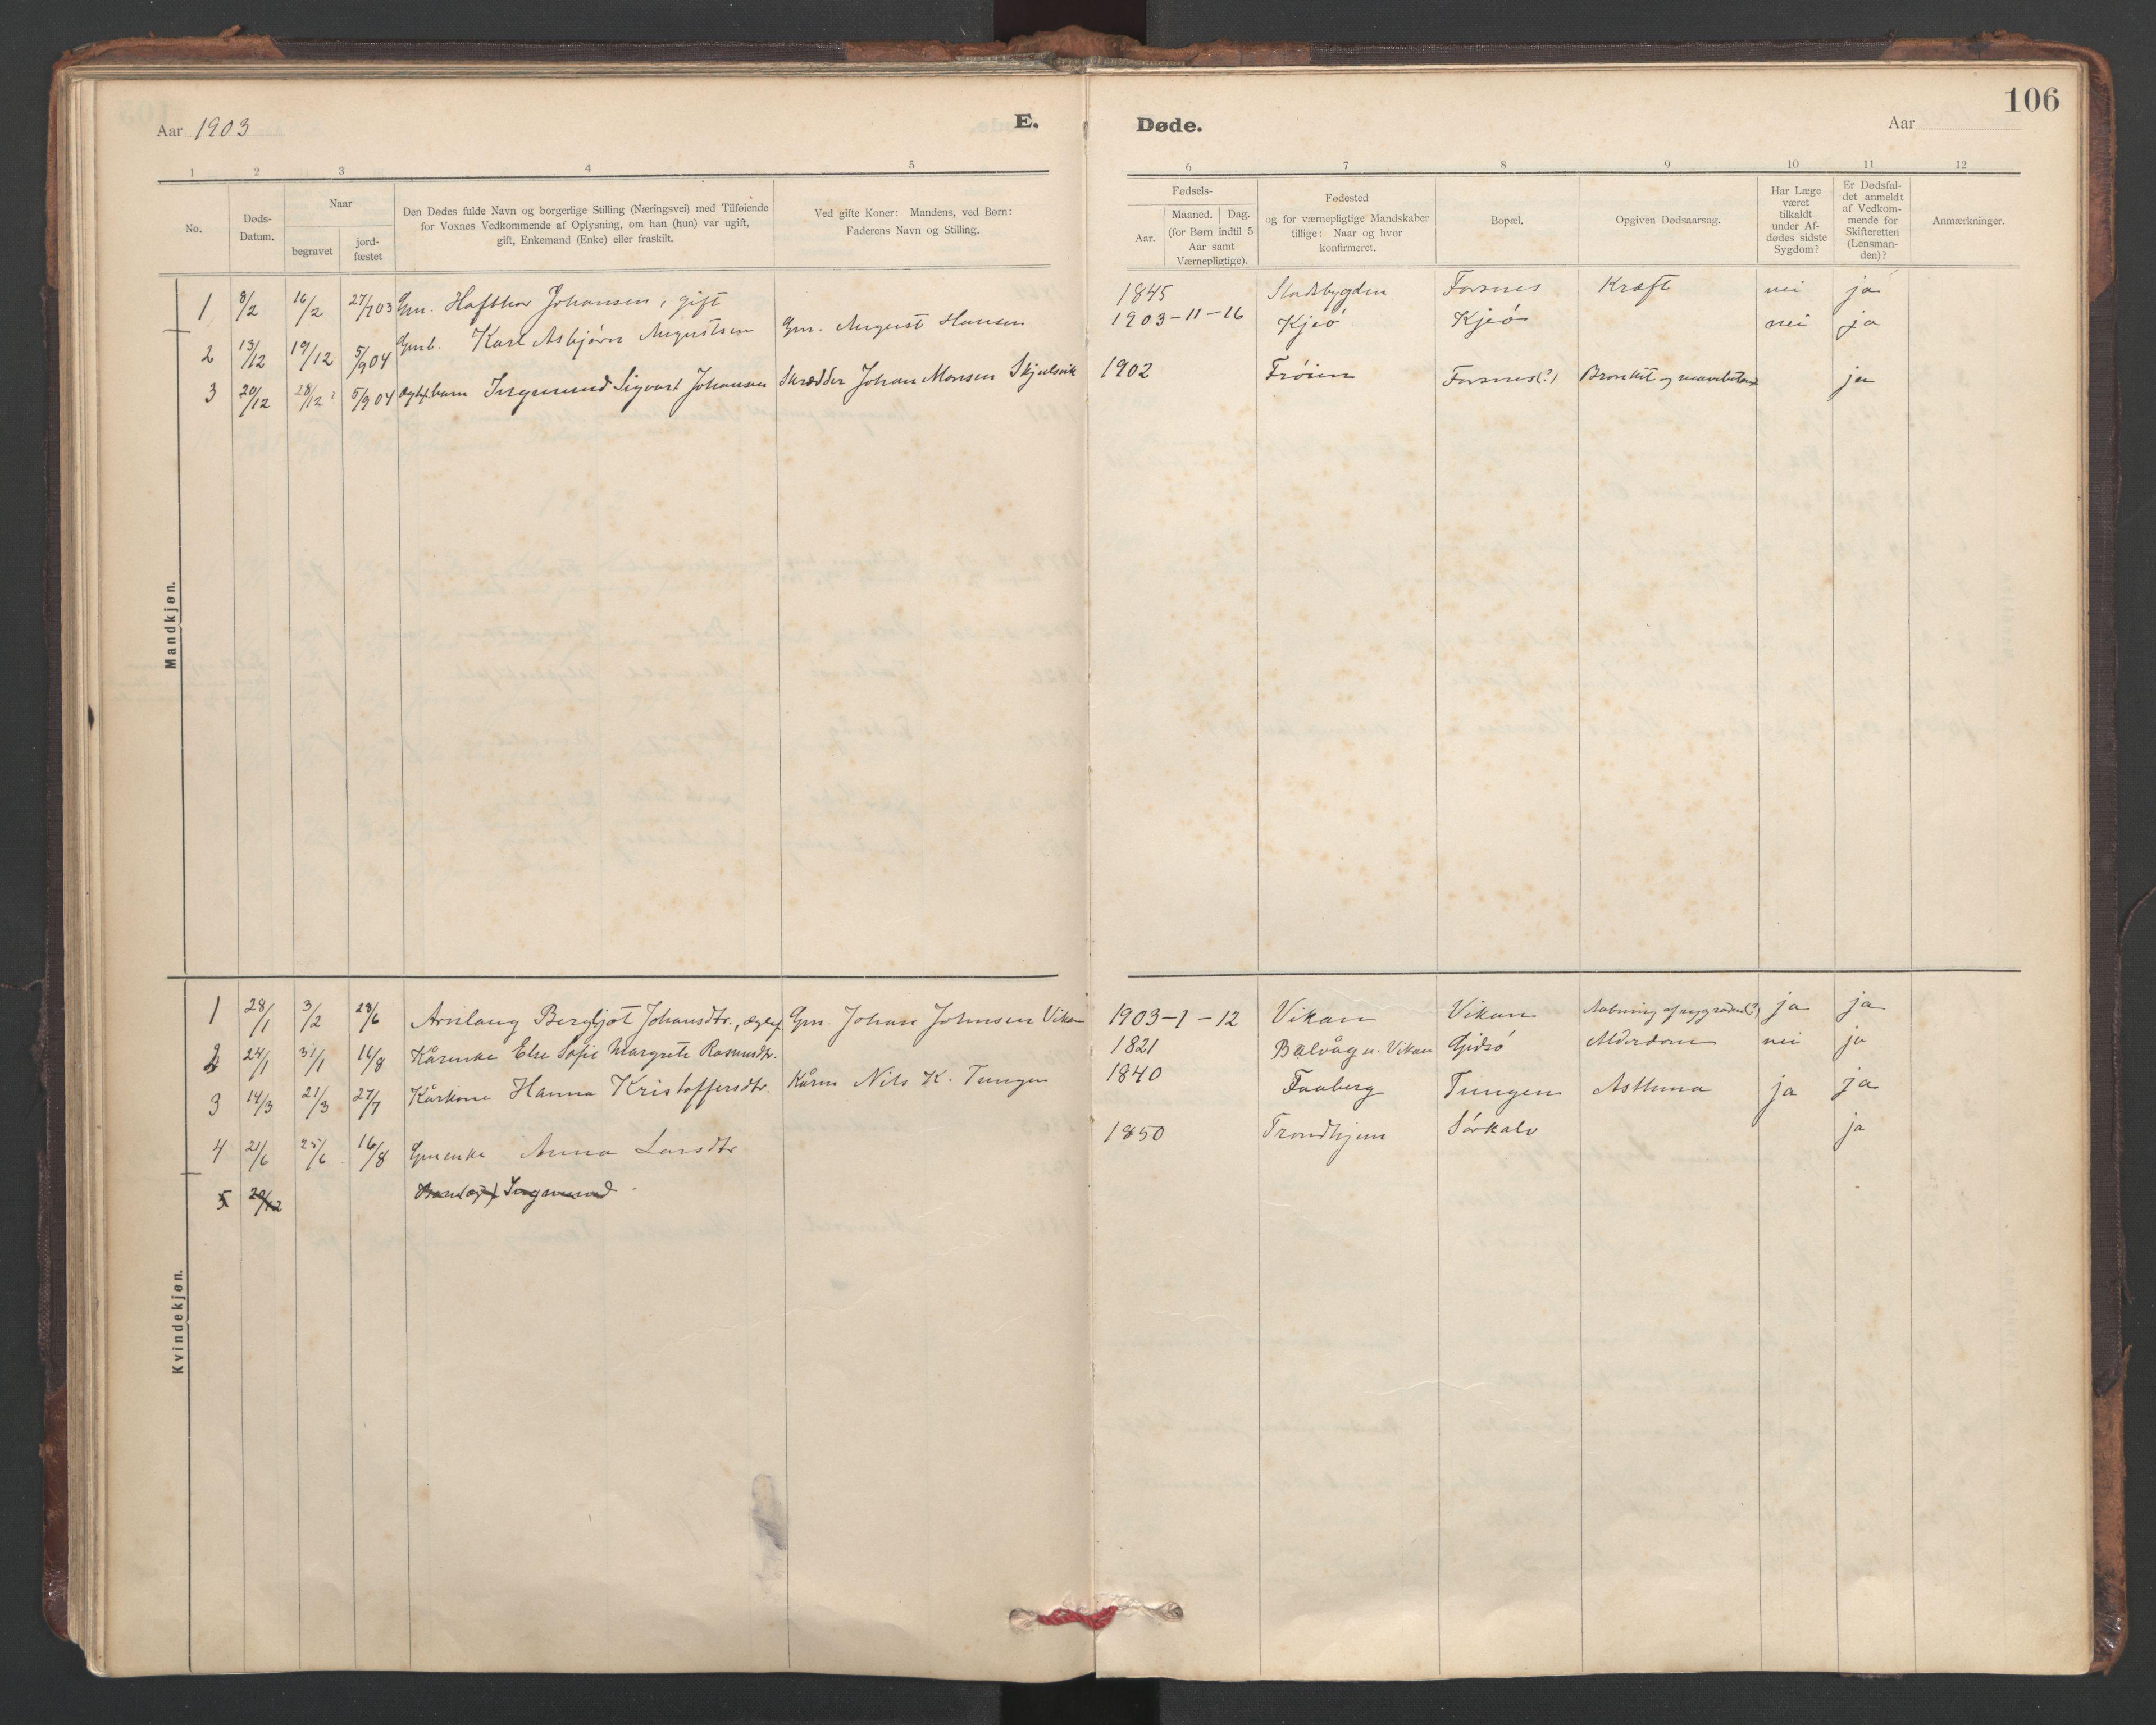 SAT, Ministerialprotokoller, klokkerbøker og fødselsregistre - Sør-Trøndelag, 635/L0552: Ministerialbok nr. 635A02, 1899-1919, s. 106